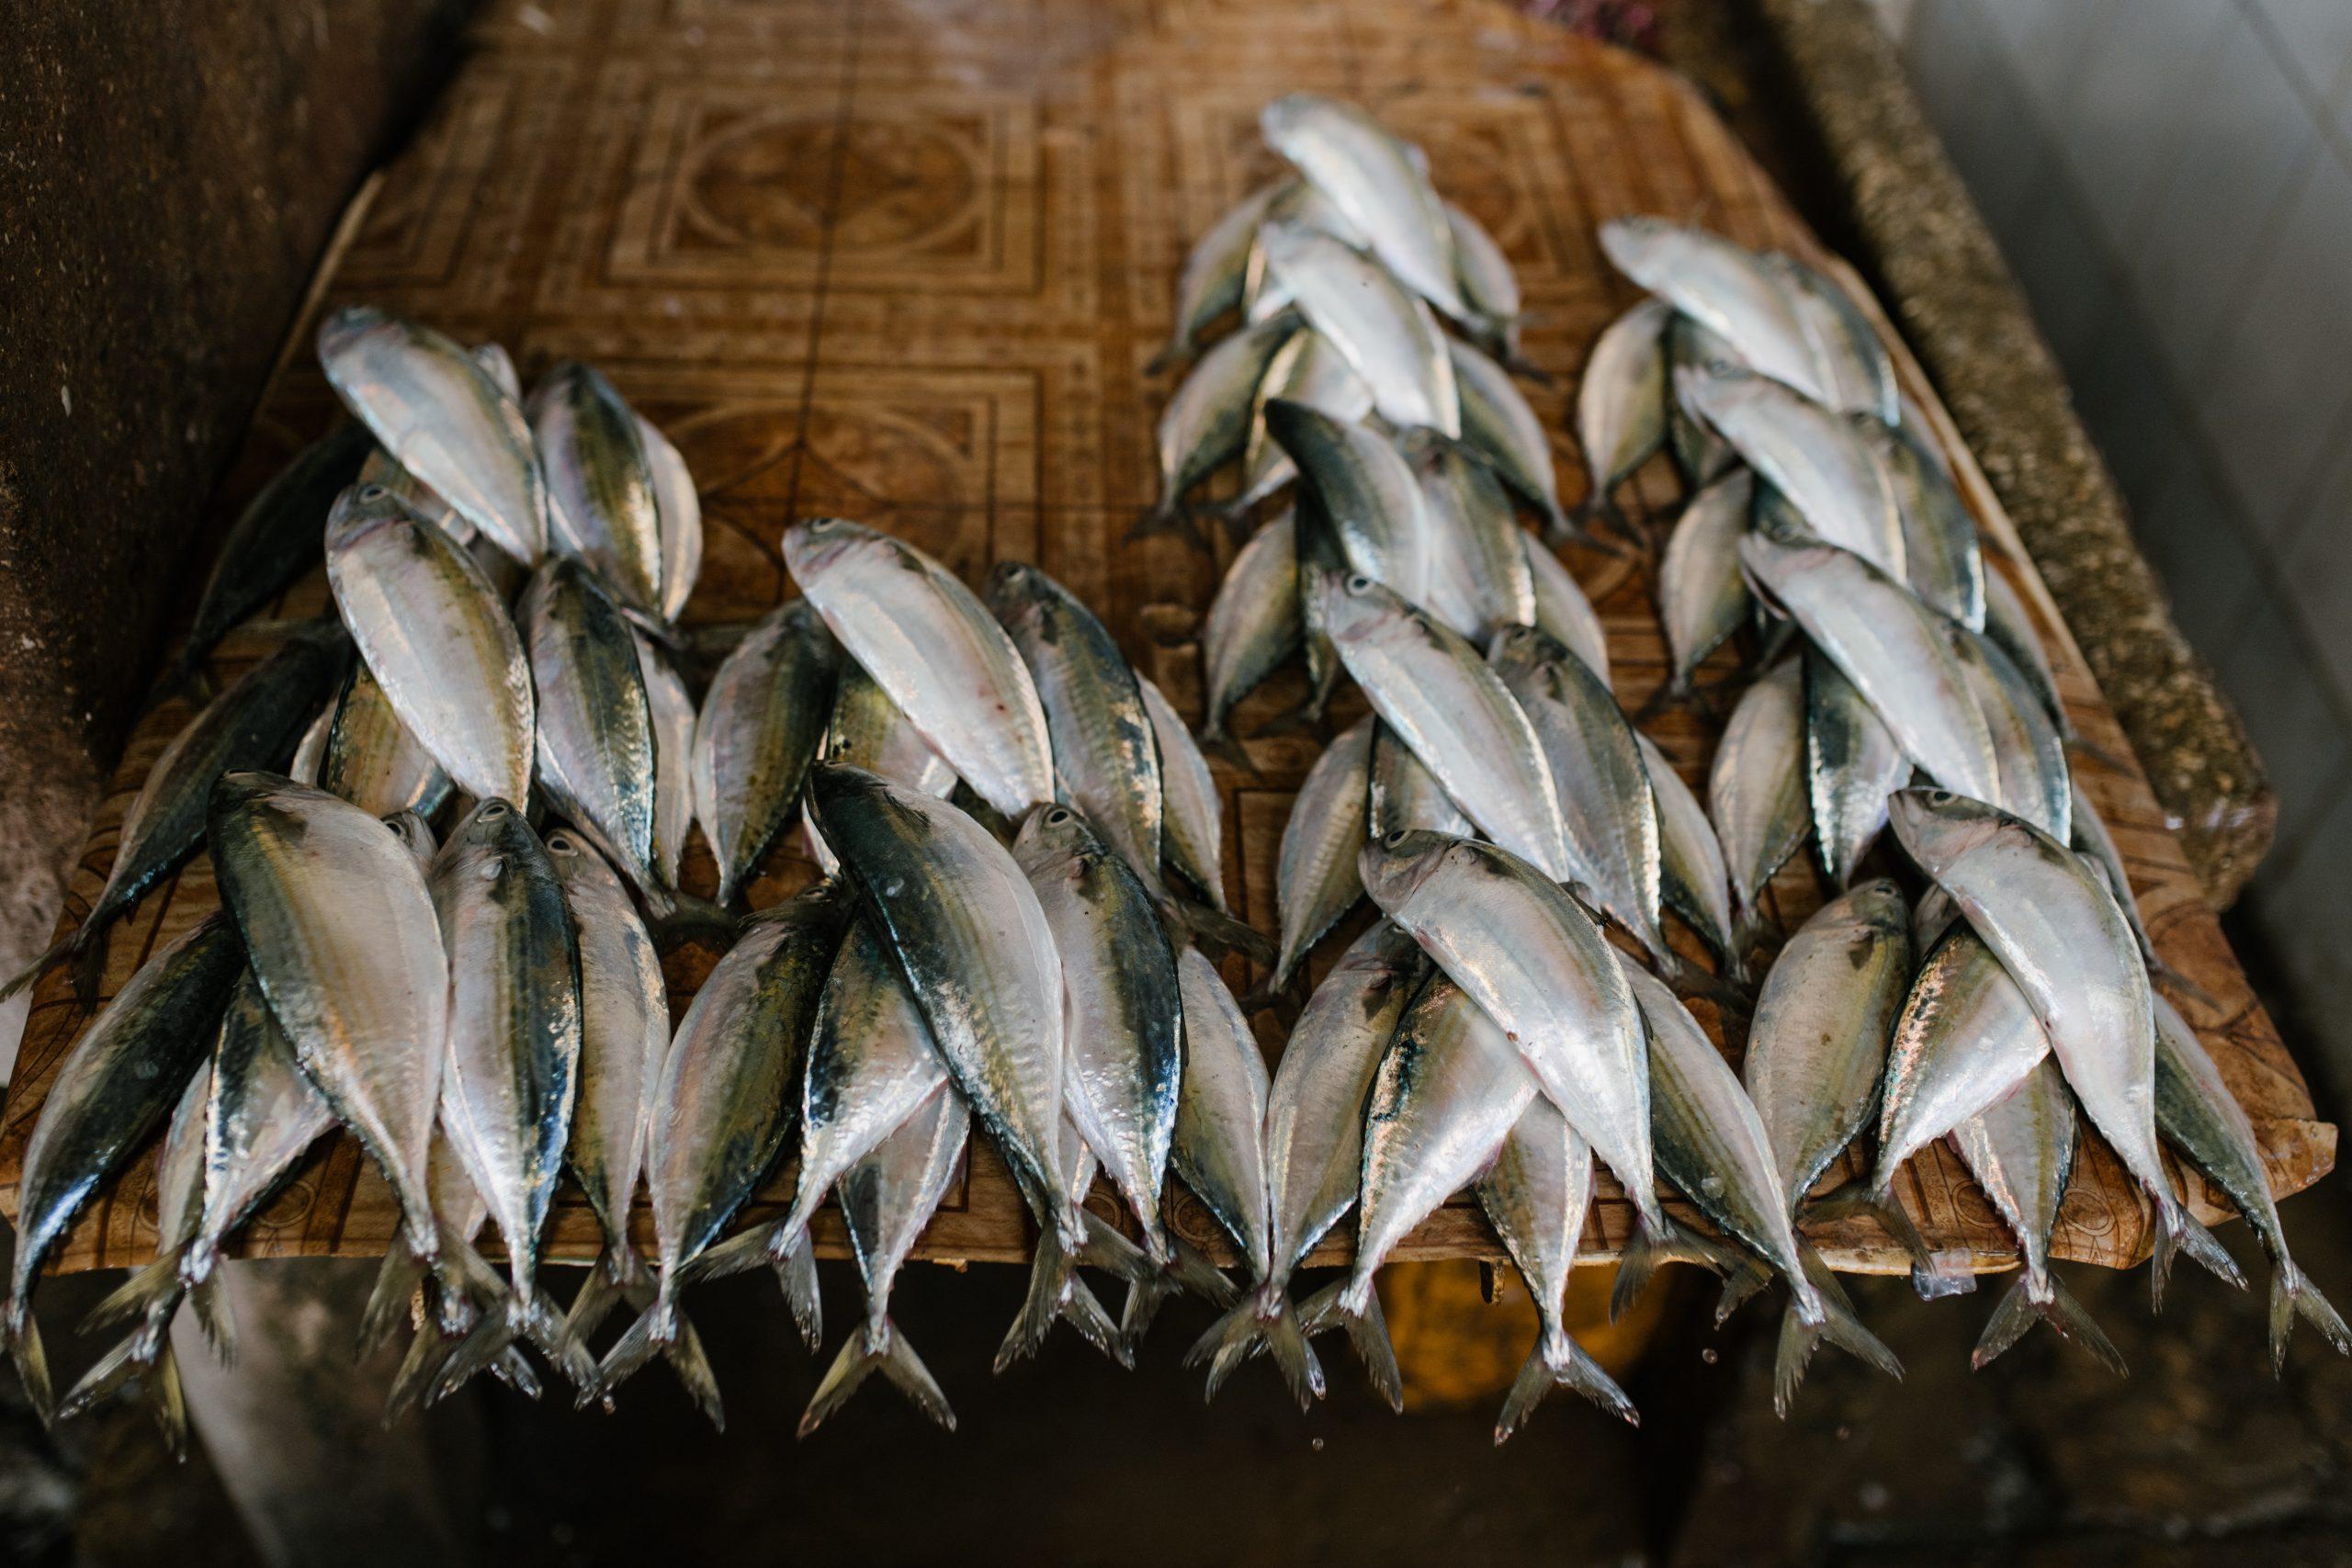 pescados en mercado